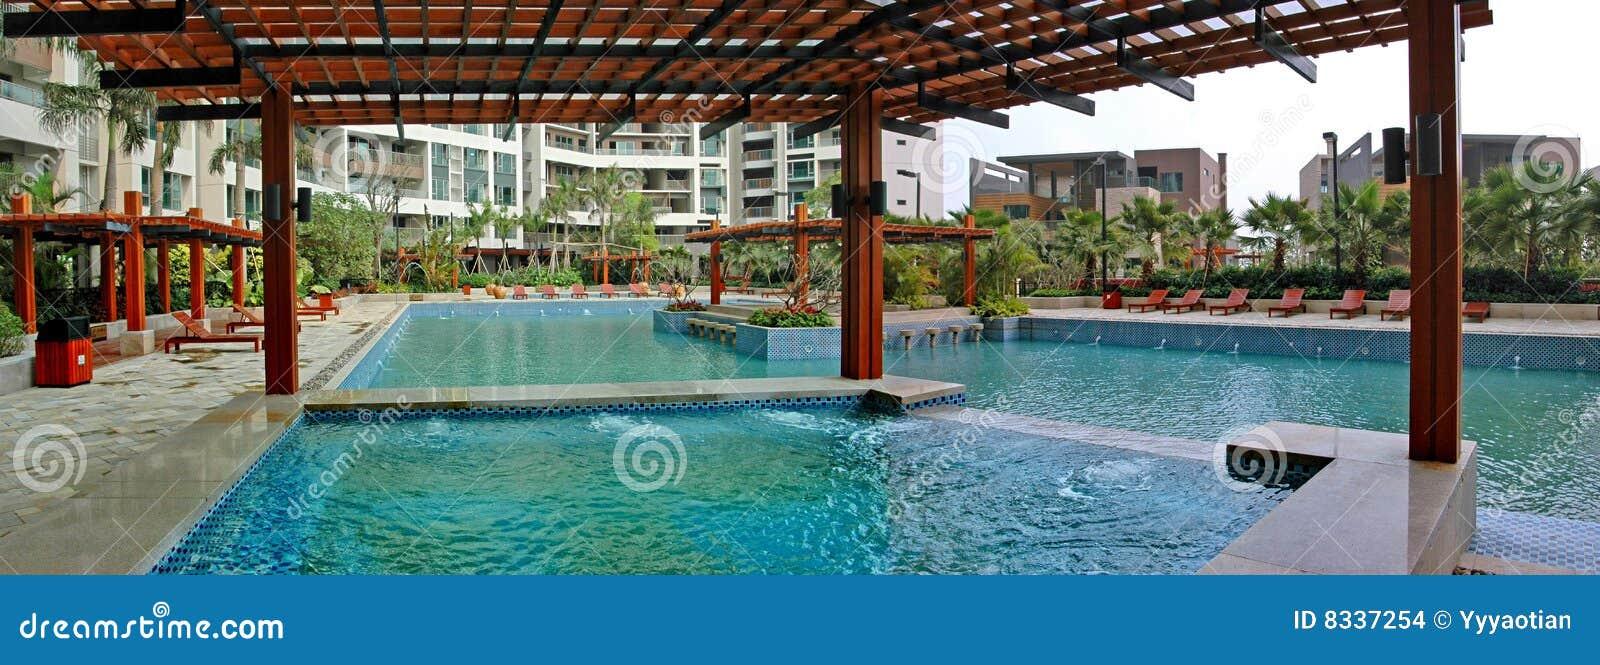 P rgola y piscina foto de archivo imagen de salud for Pergolas para piscinas